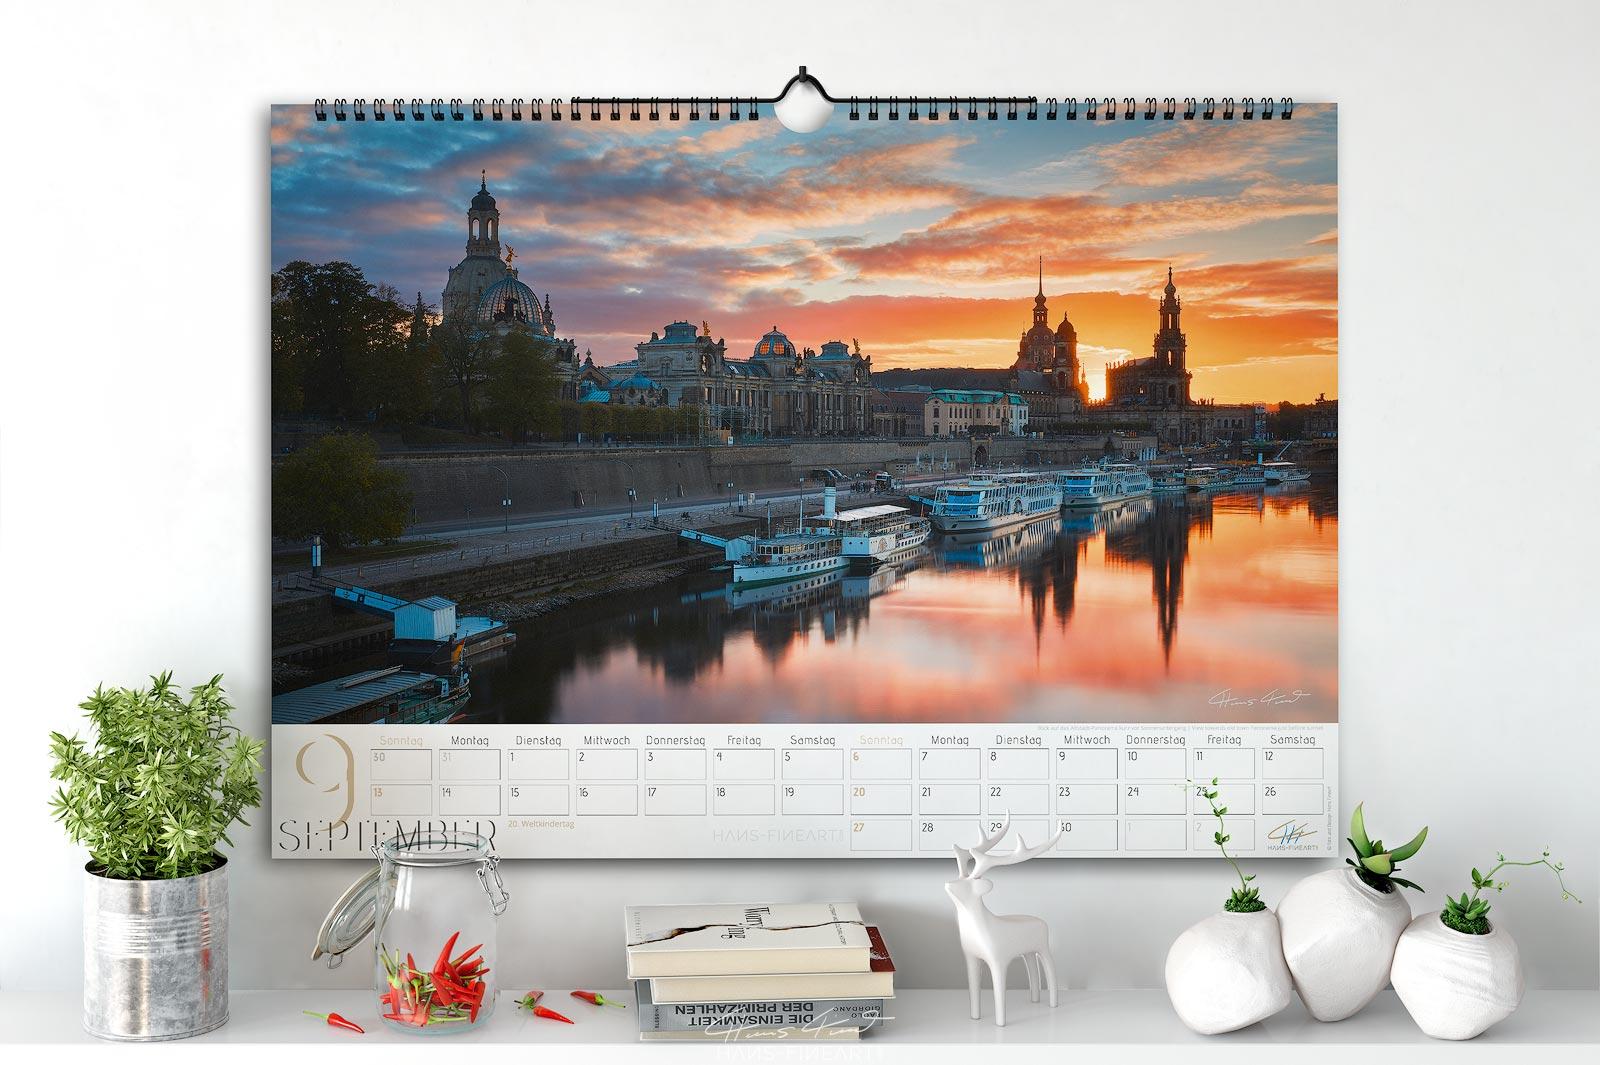 Monatsbild September vom Wandkalender Dresden Im Wandel der Jahreszeiten 2020. Blick auf das Dresdner Terrassenufer